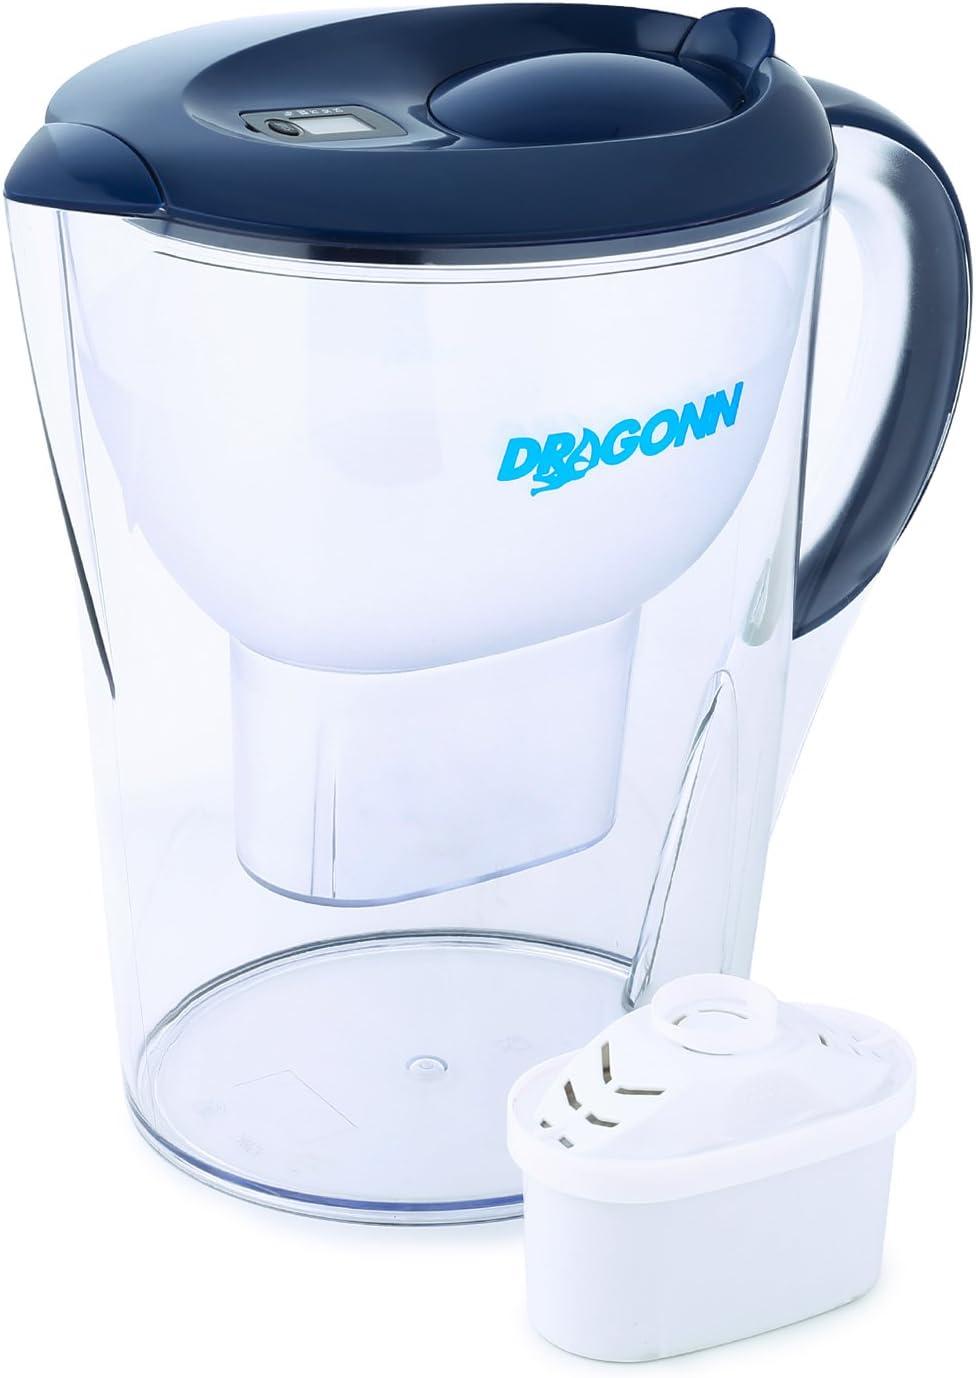 DRAGONN Alkaline Water Filter Pitcher